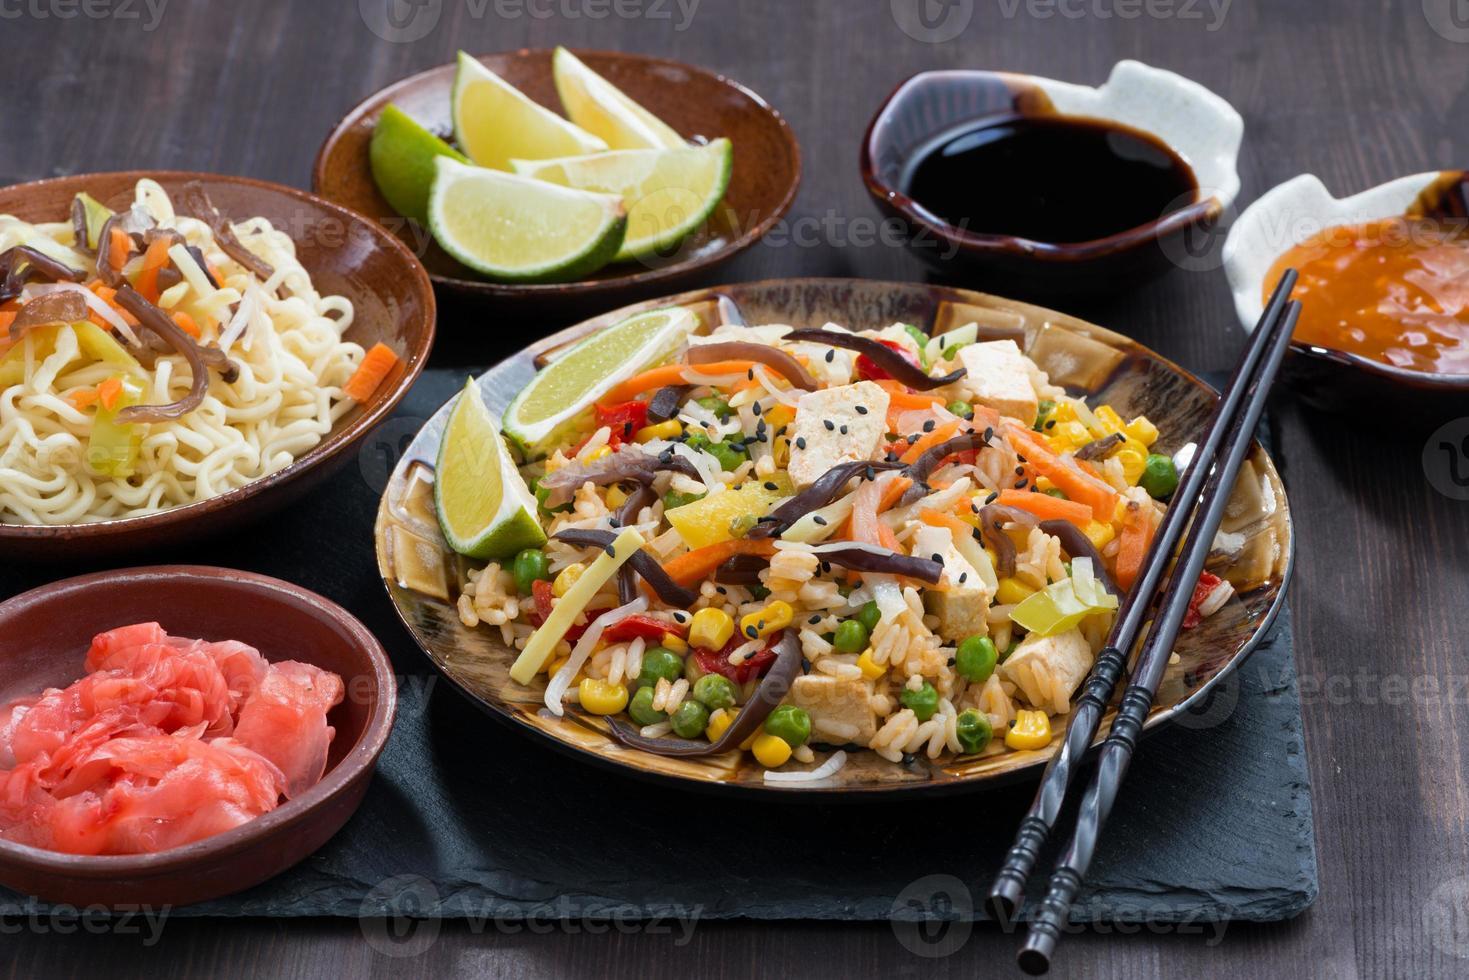 asiatisches Mittagessen - gebratener Reis mit Tofu und Gemüse foto